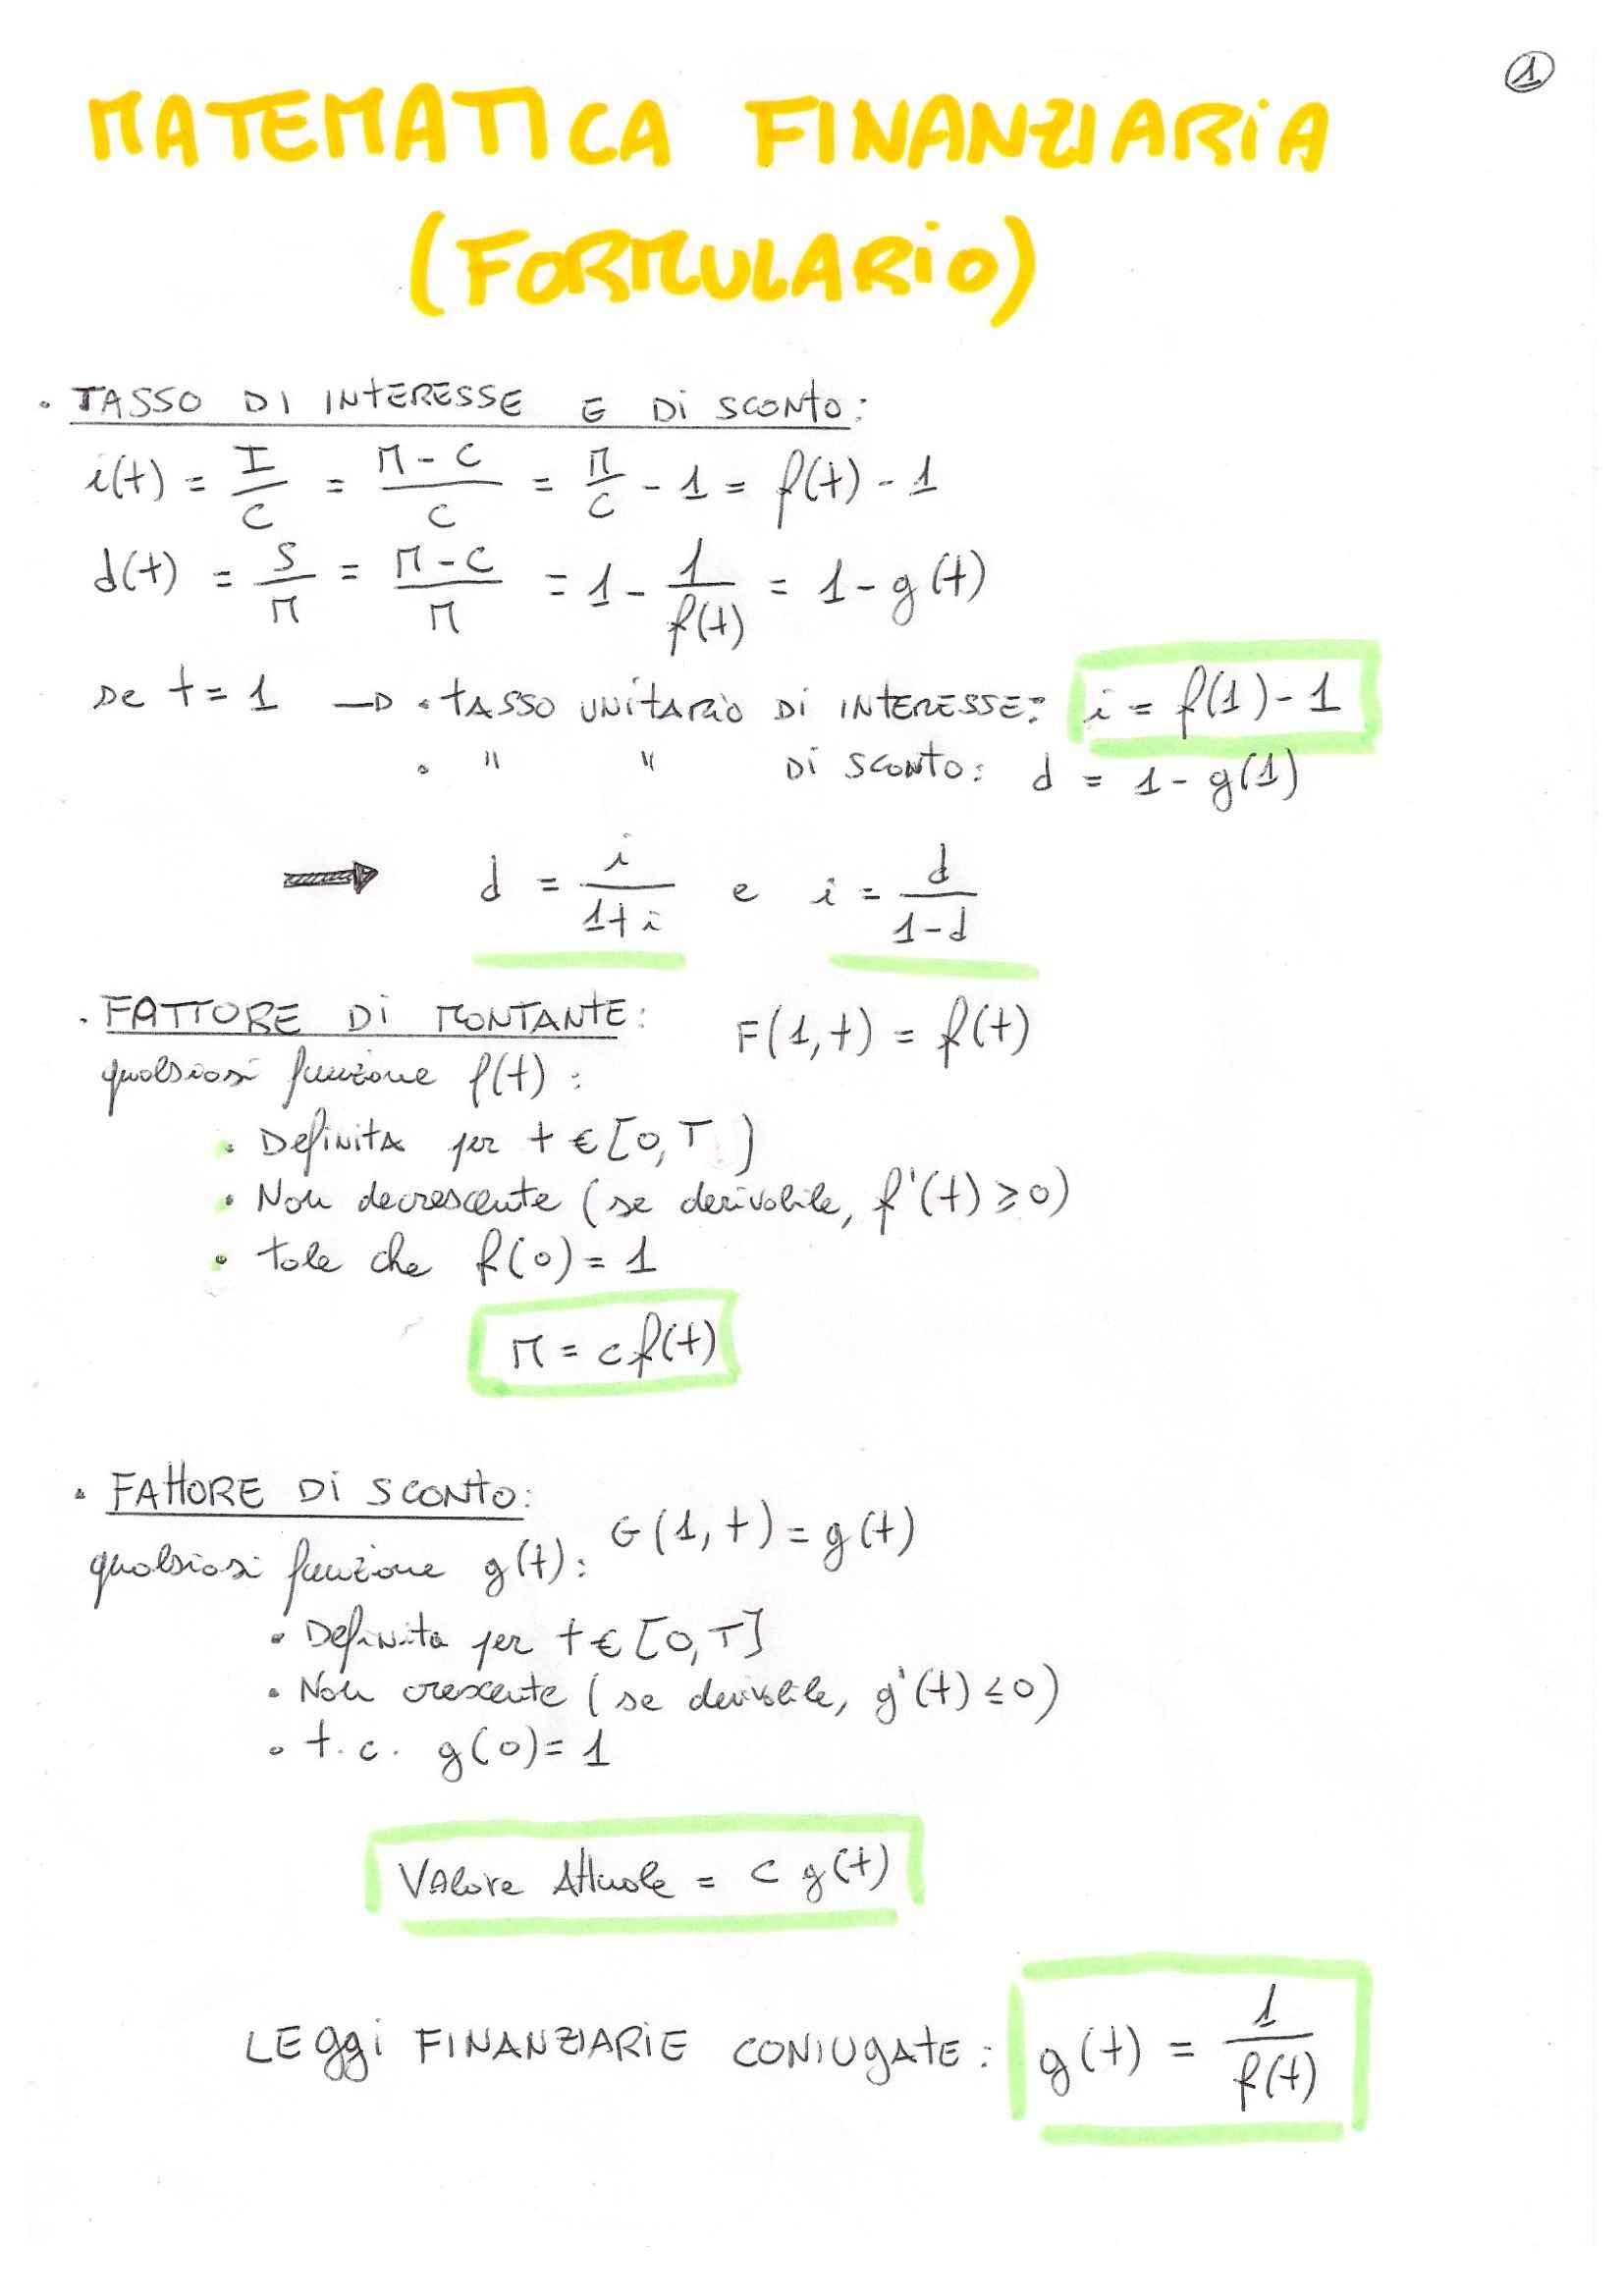 Matematica finanziaria - formulario